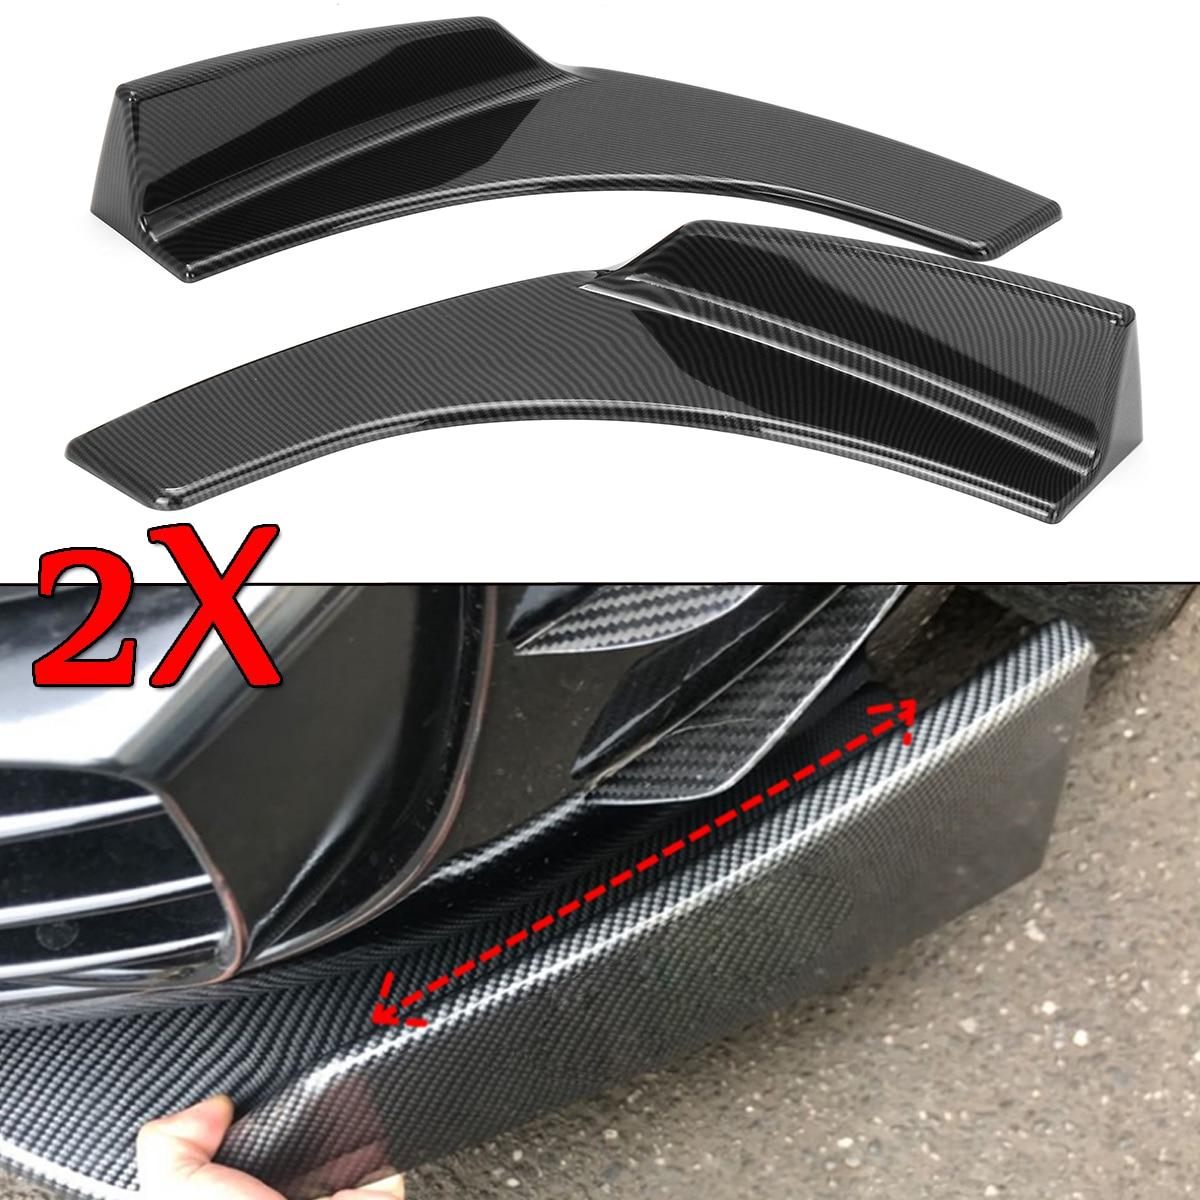 1 paire déflecteur avant de voiture becquet diffuseur pare-chocs Canard lèvre corps pelles en Fiber de carbone Look universel pare-chocs Splitters